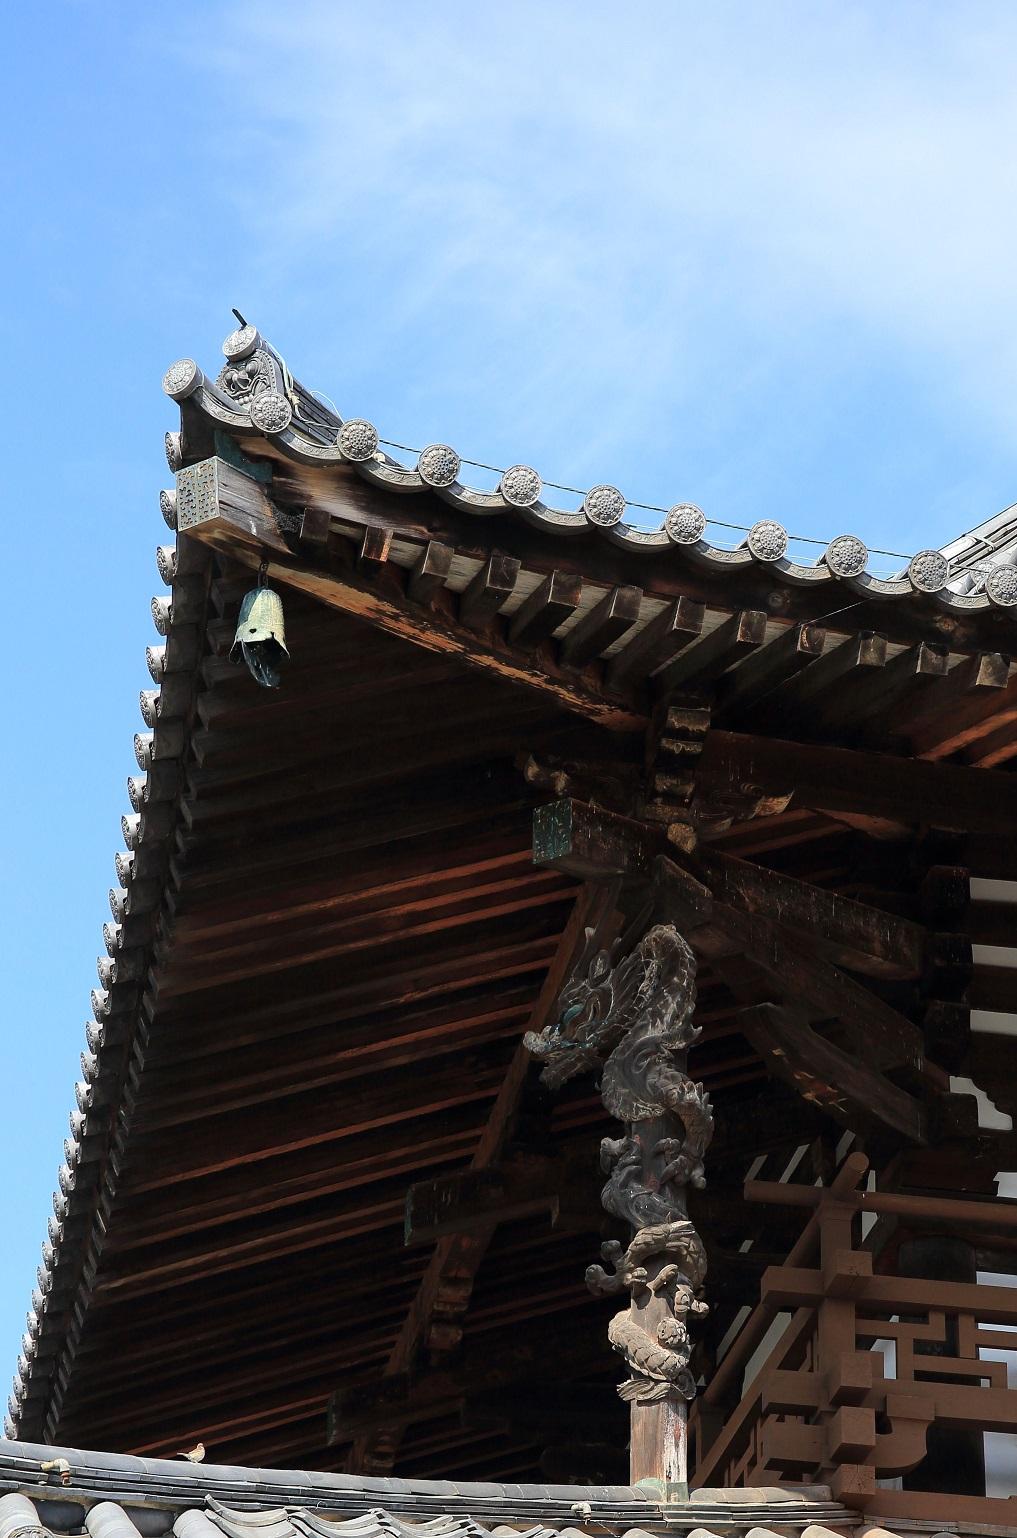 ブログ 法隆寺の金堂 上り龍.jpg